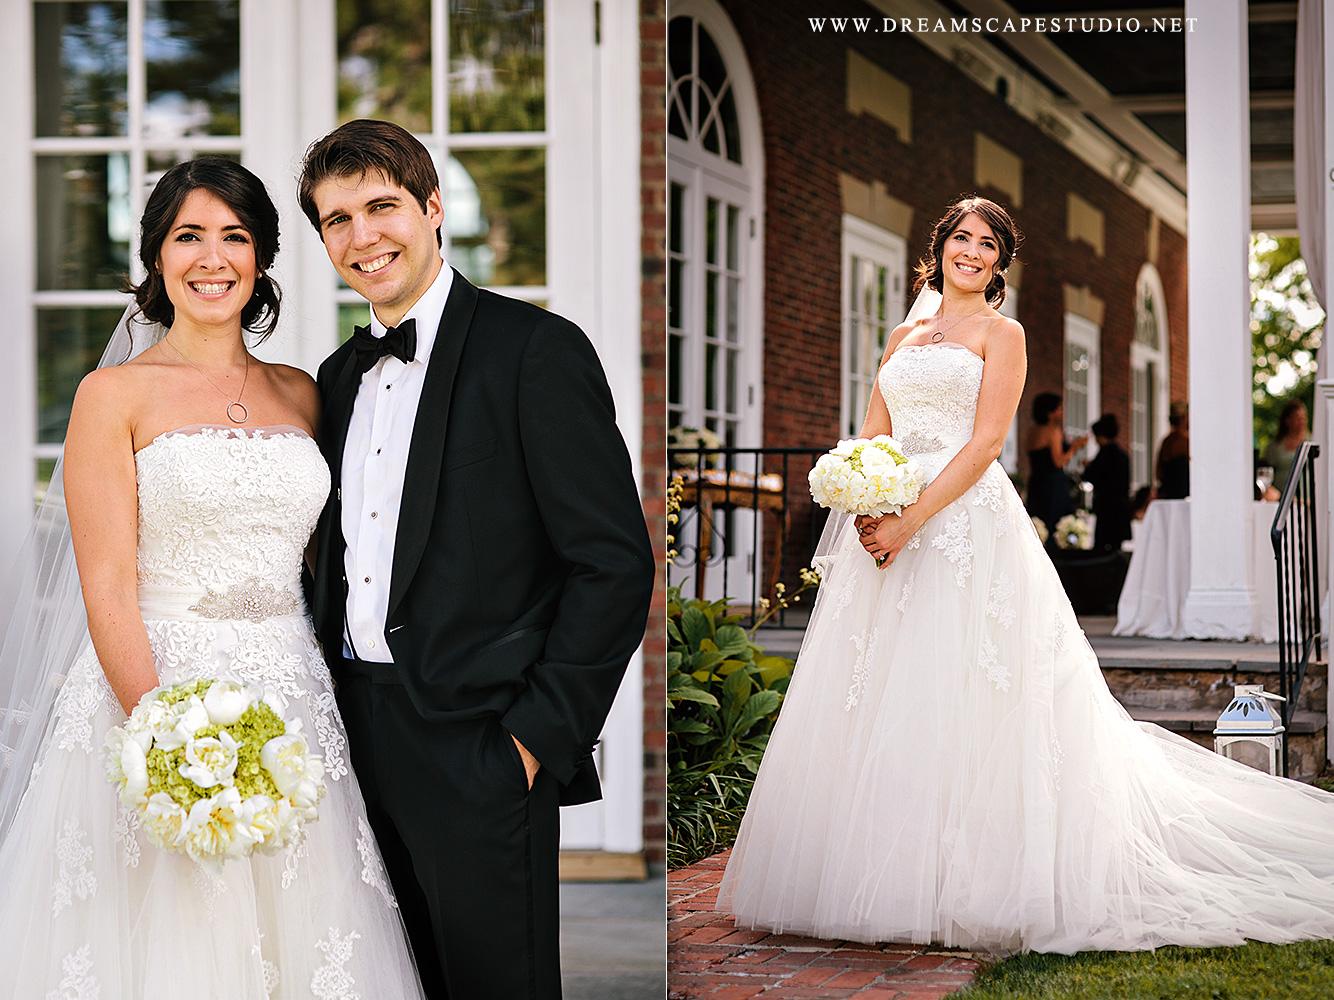 NY_Wedding_Photographer_JeRy_14.jpg